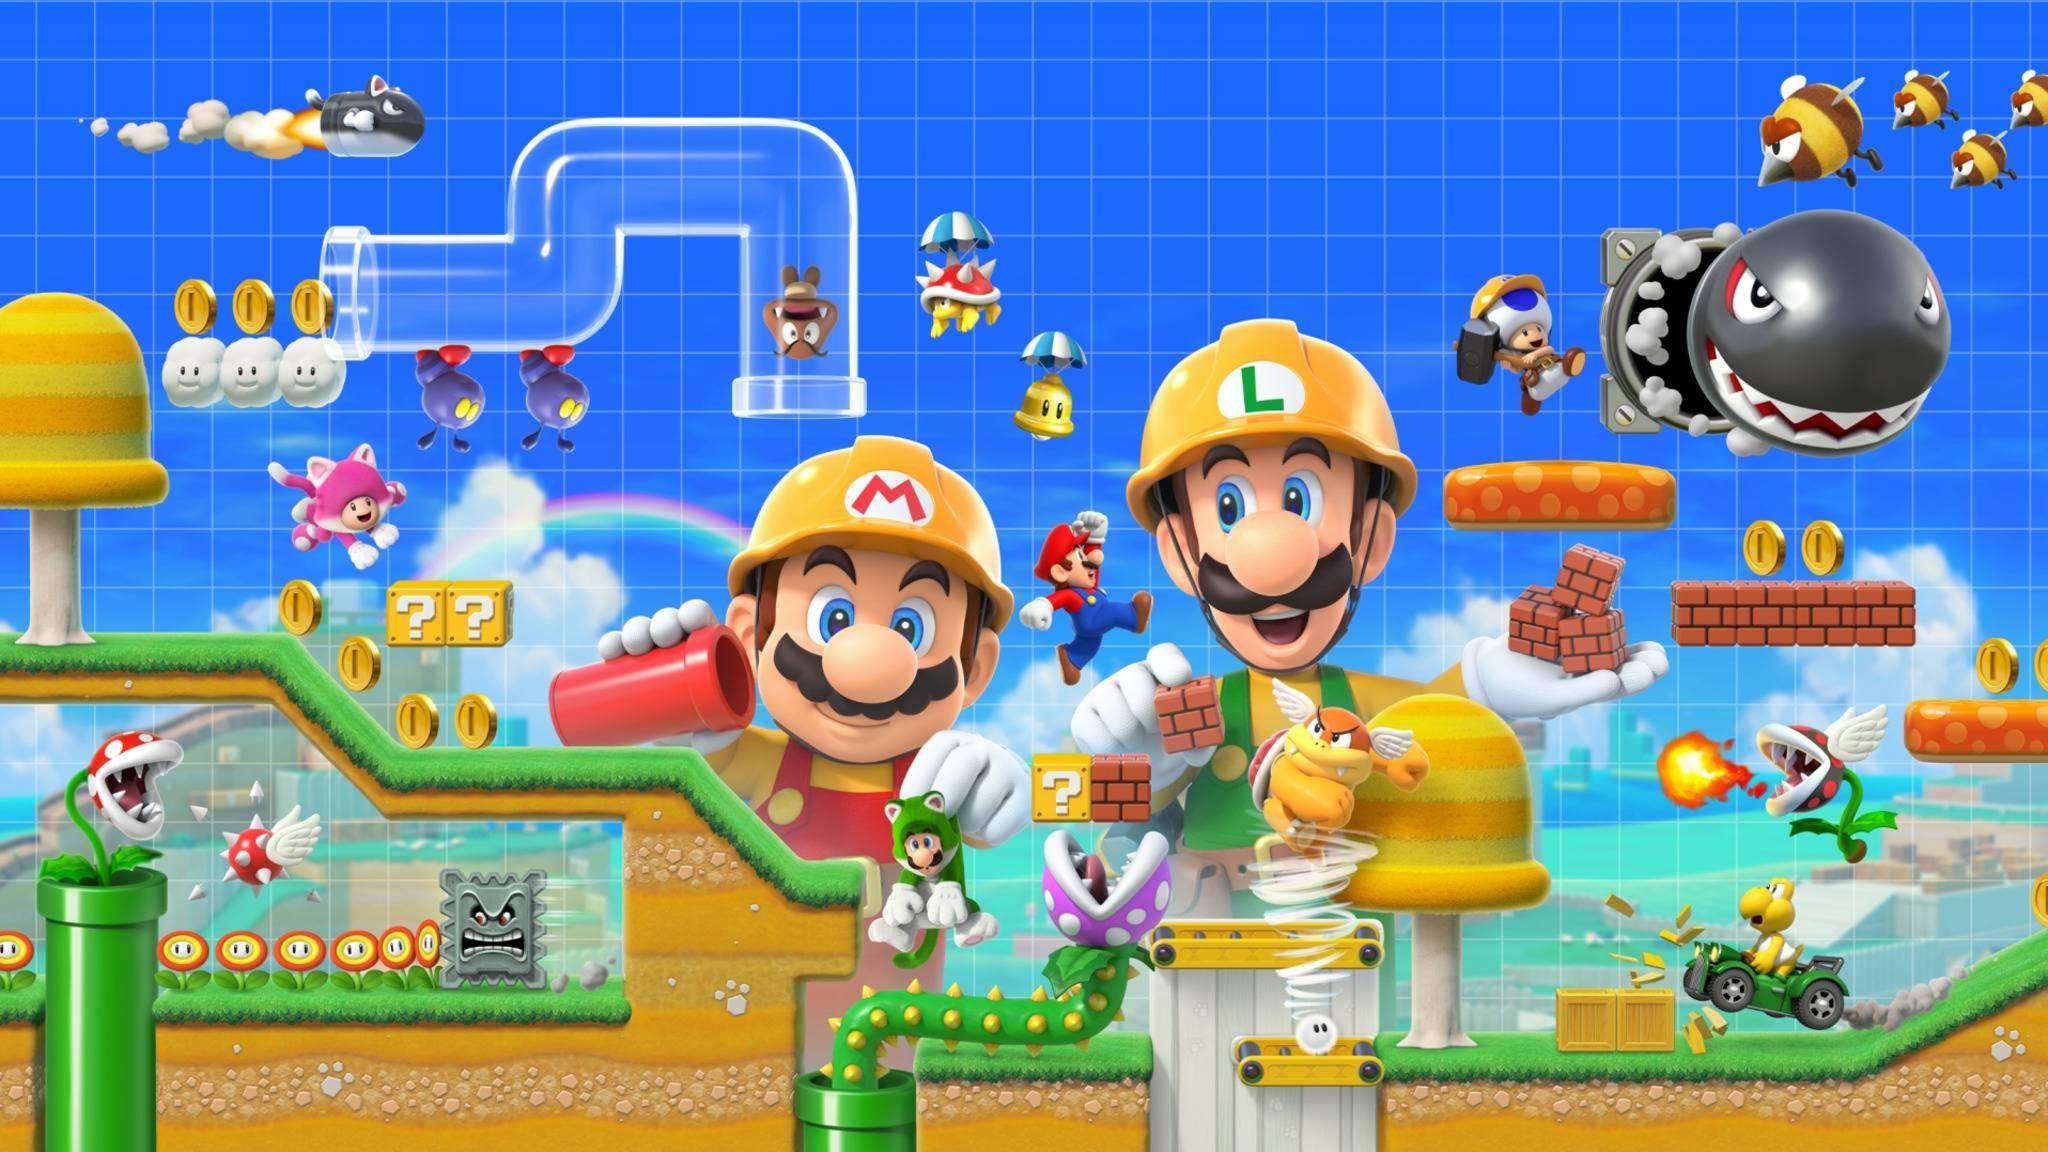 """Vorbesteller des """"Super Mario Maker 2"""" erhalten zusätzlich einen kostenlosen Stylus für die Switch."""